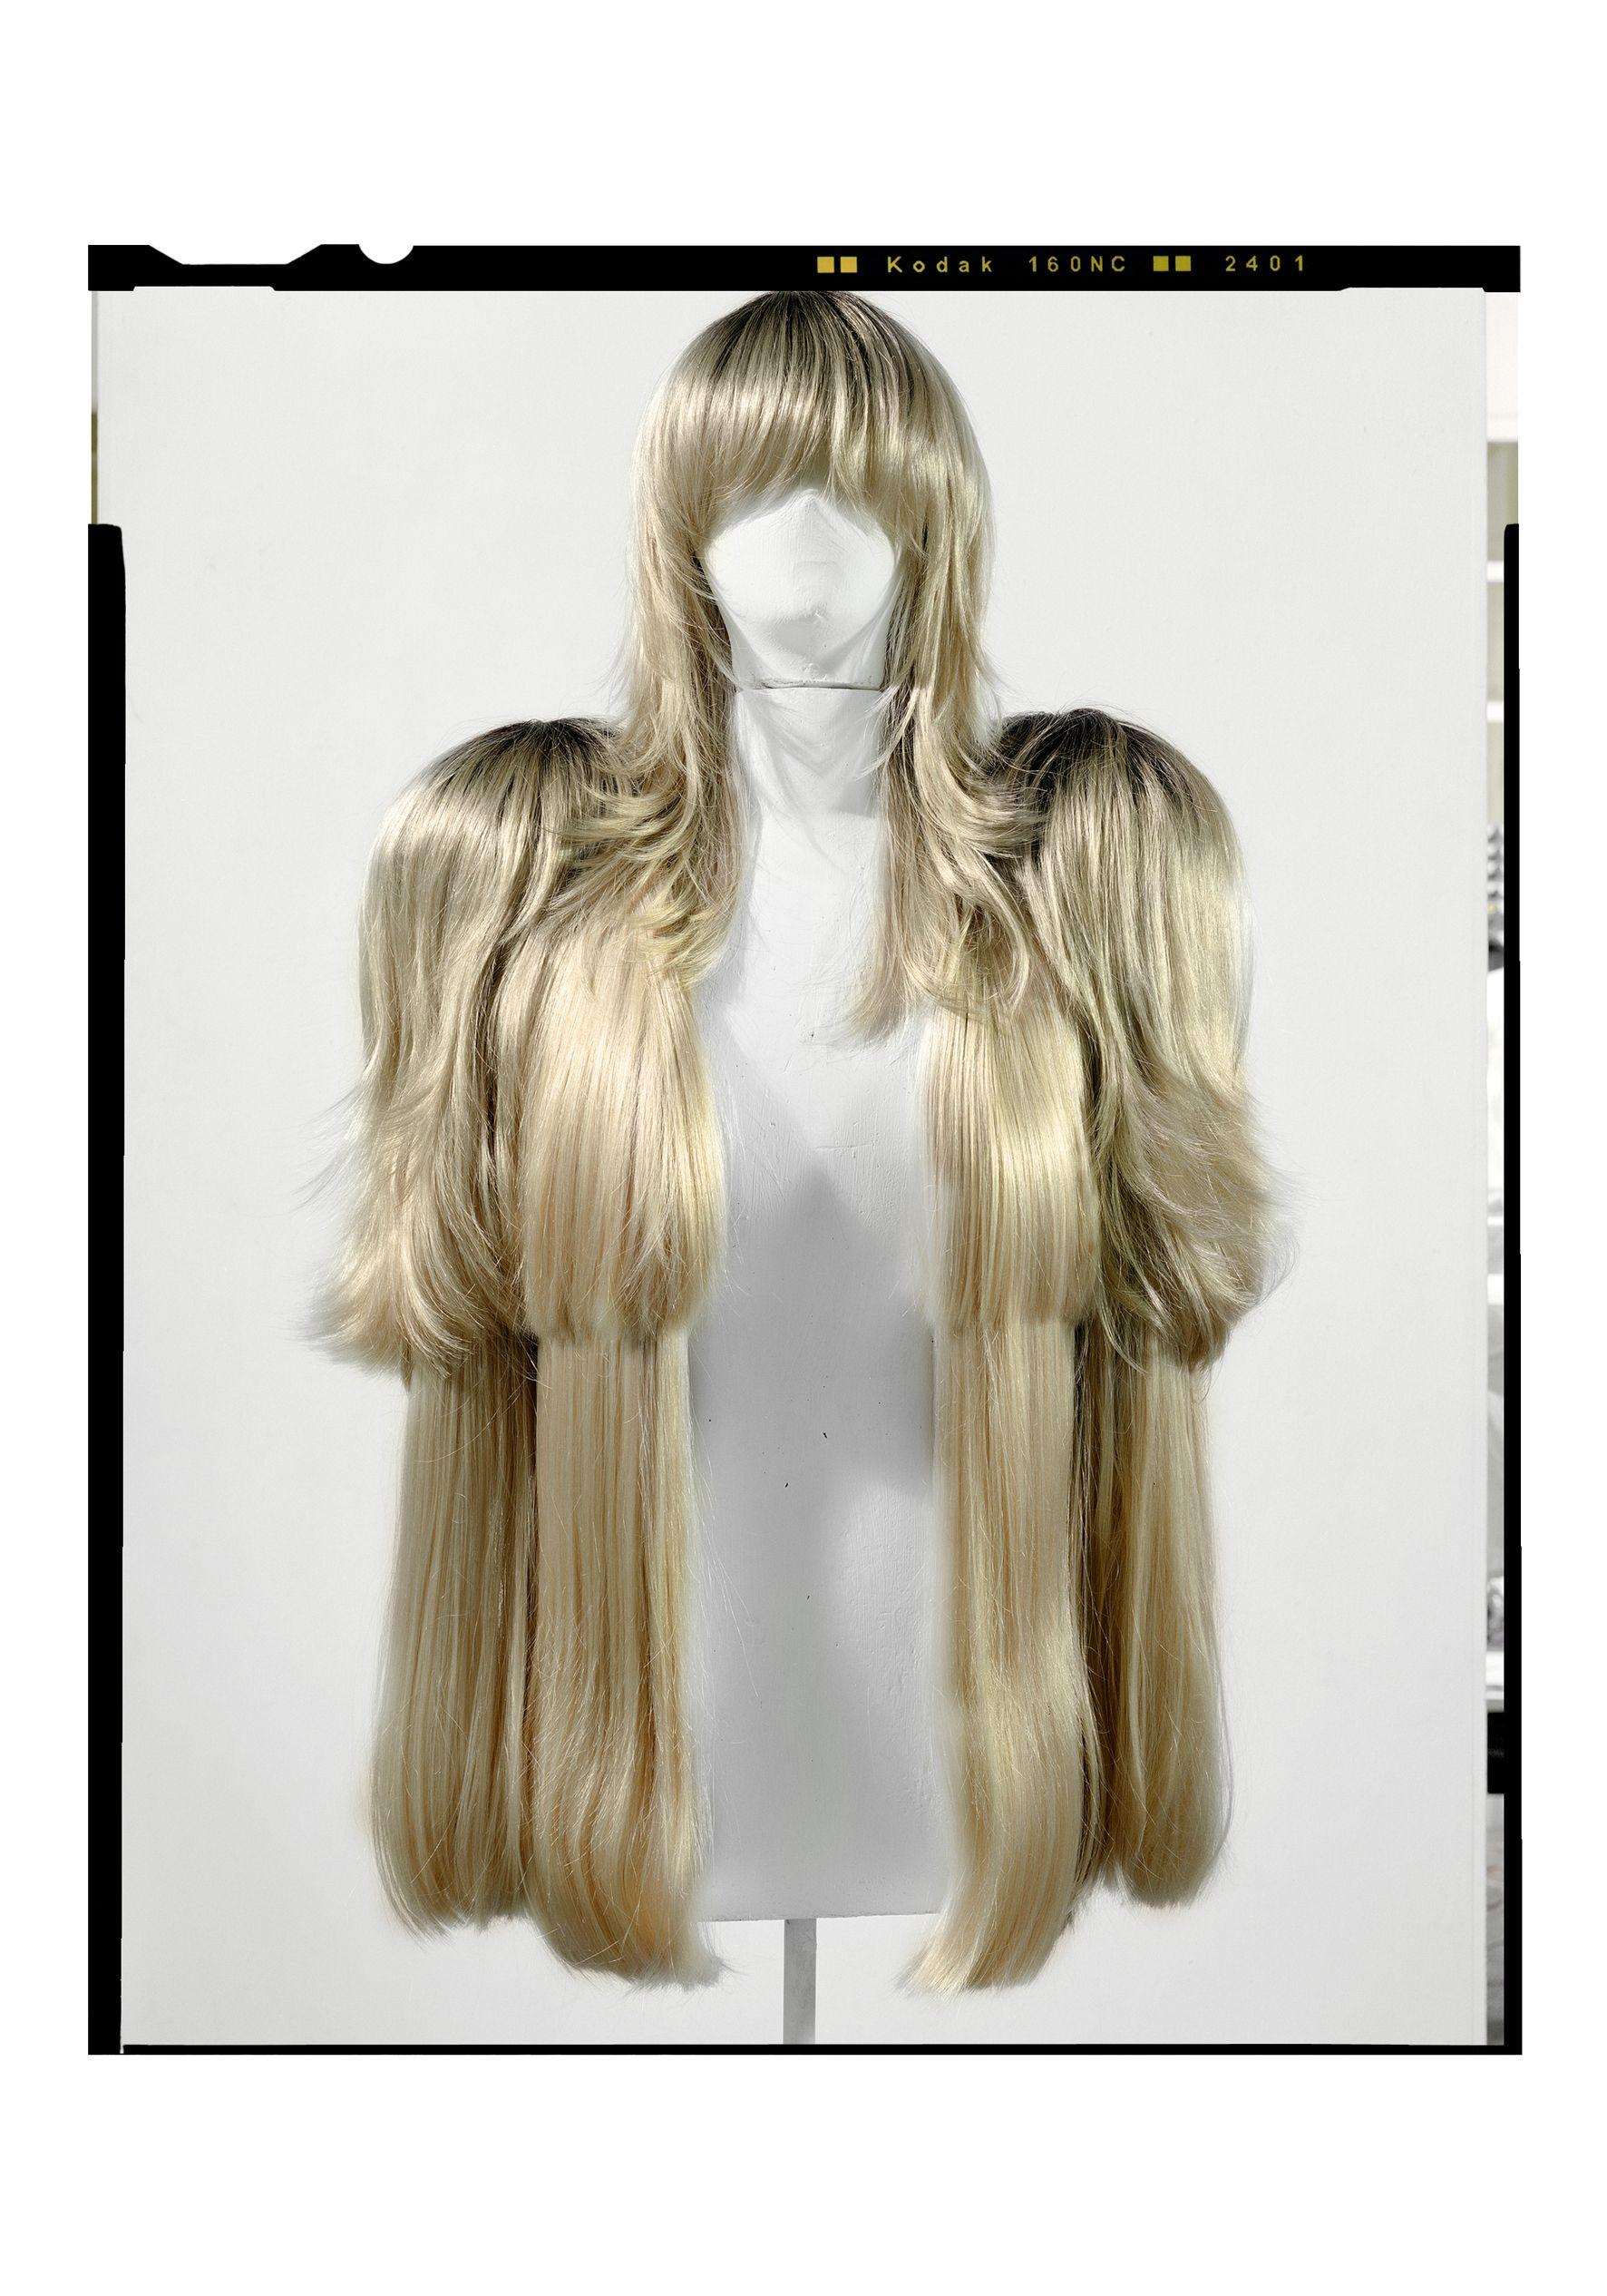 e03dba65bf3 Maison Martin Margiela wig coat | hairart in 2019 | Fashion, Maison ...